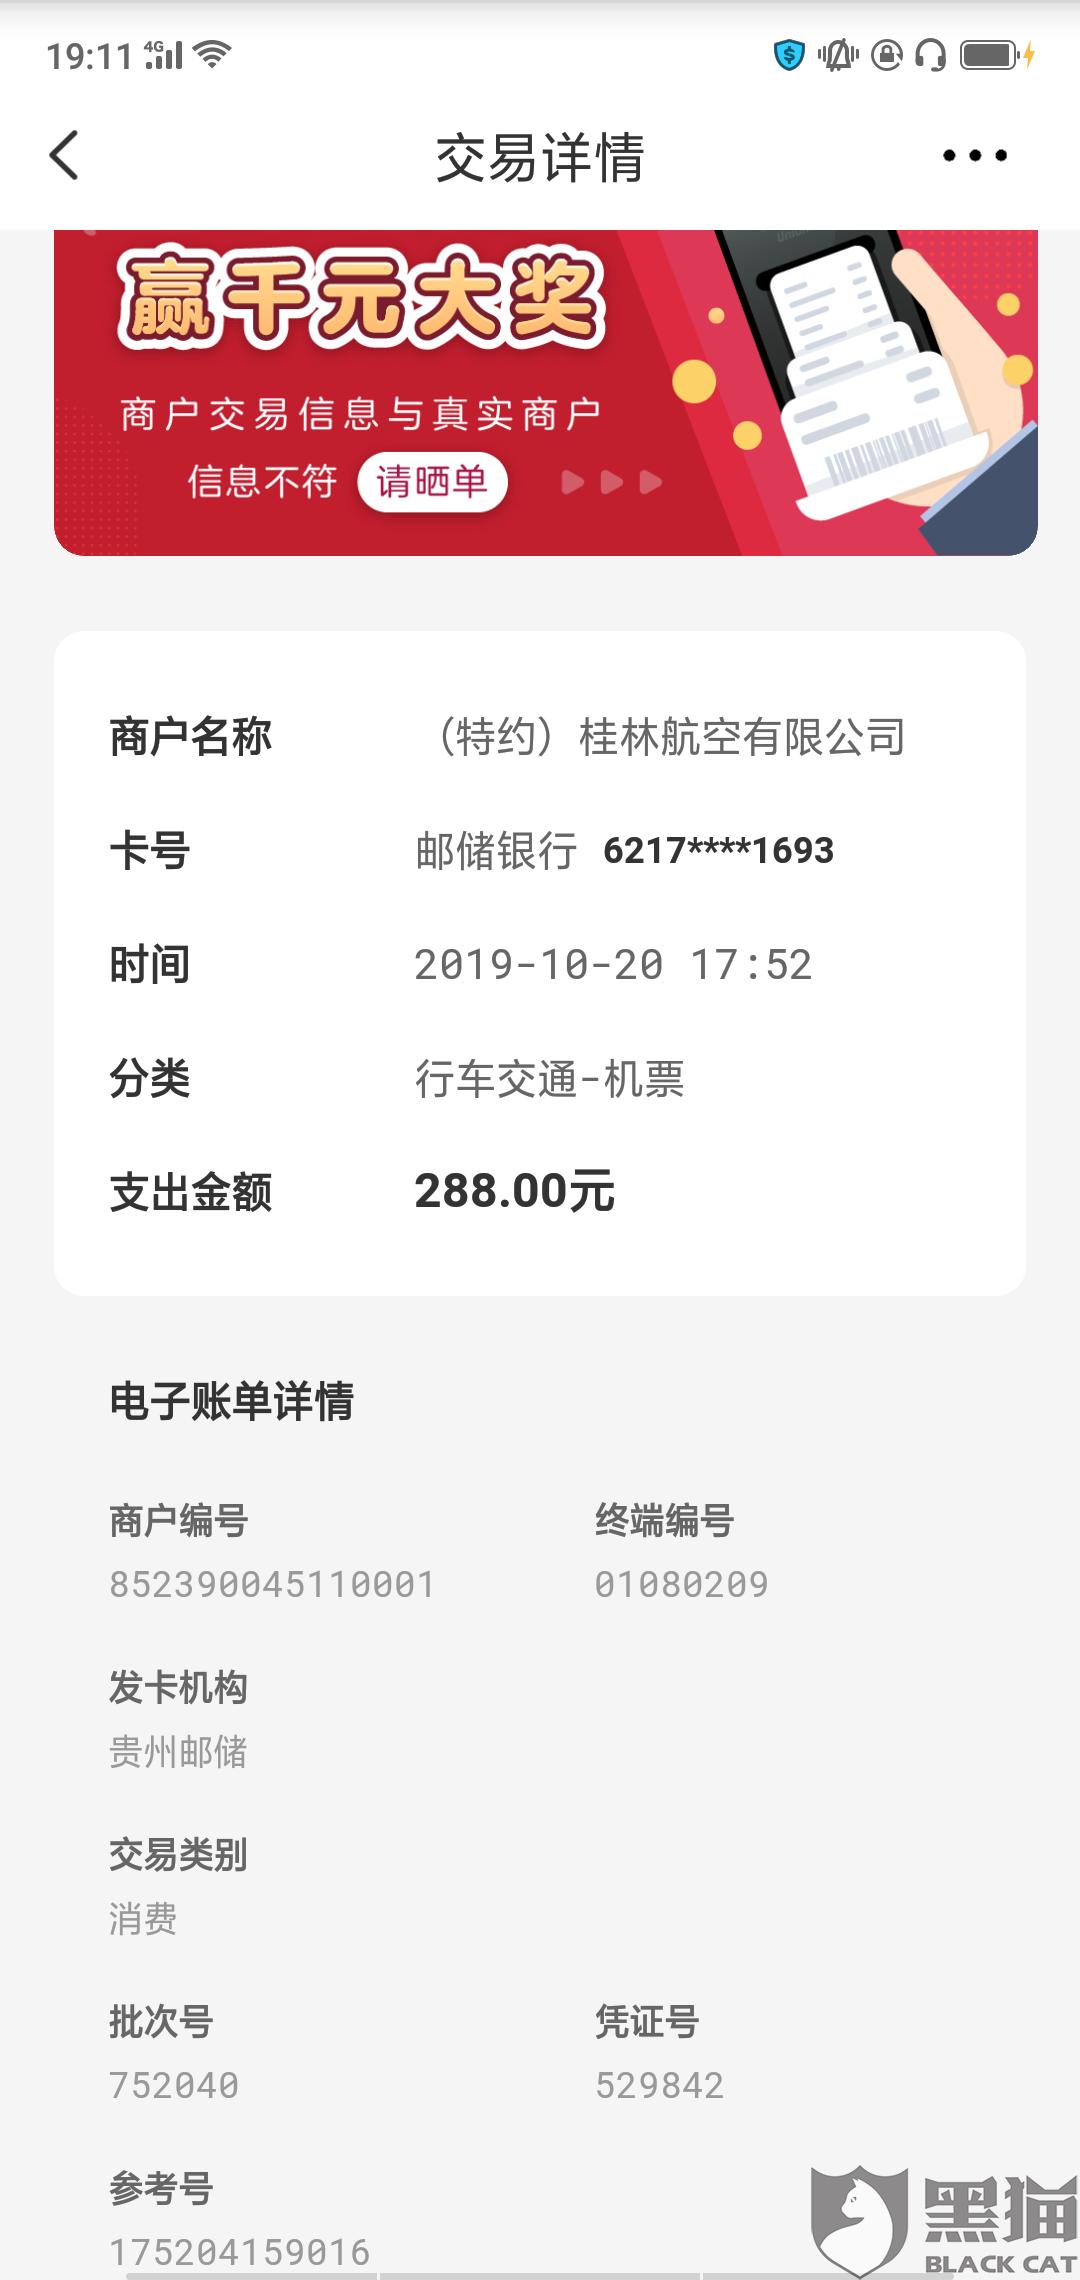 黑猫投诉:(特约)桂林航空有限公司是恒富创融科技旗下的